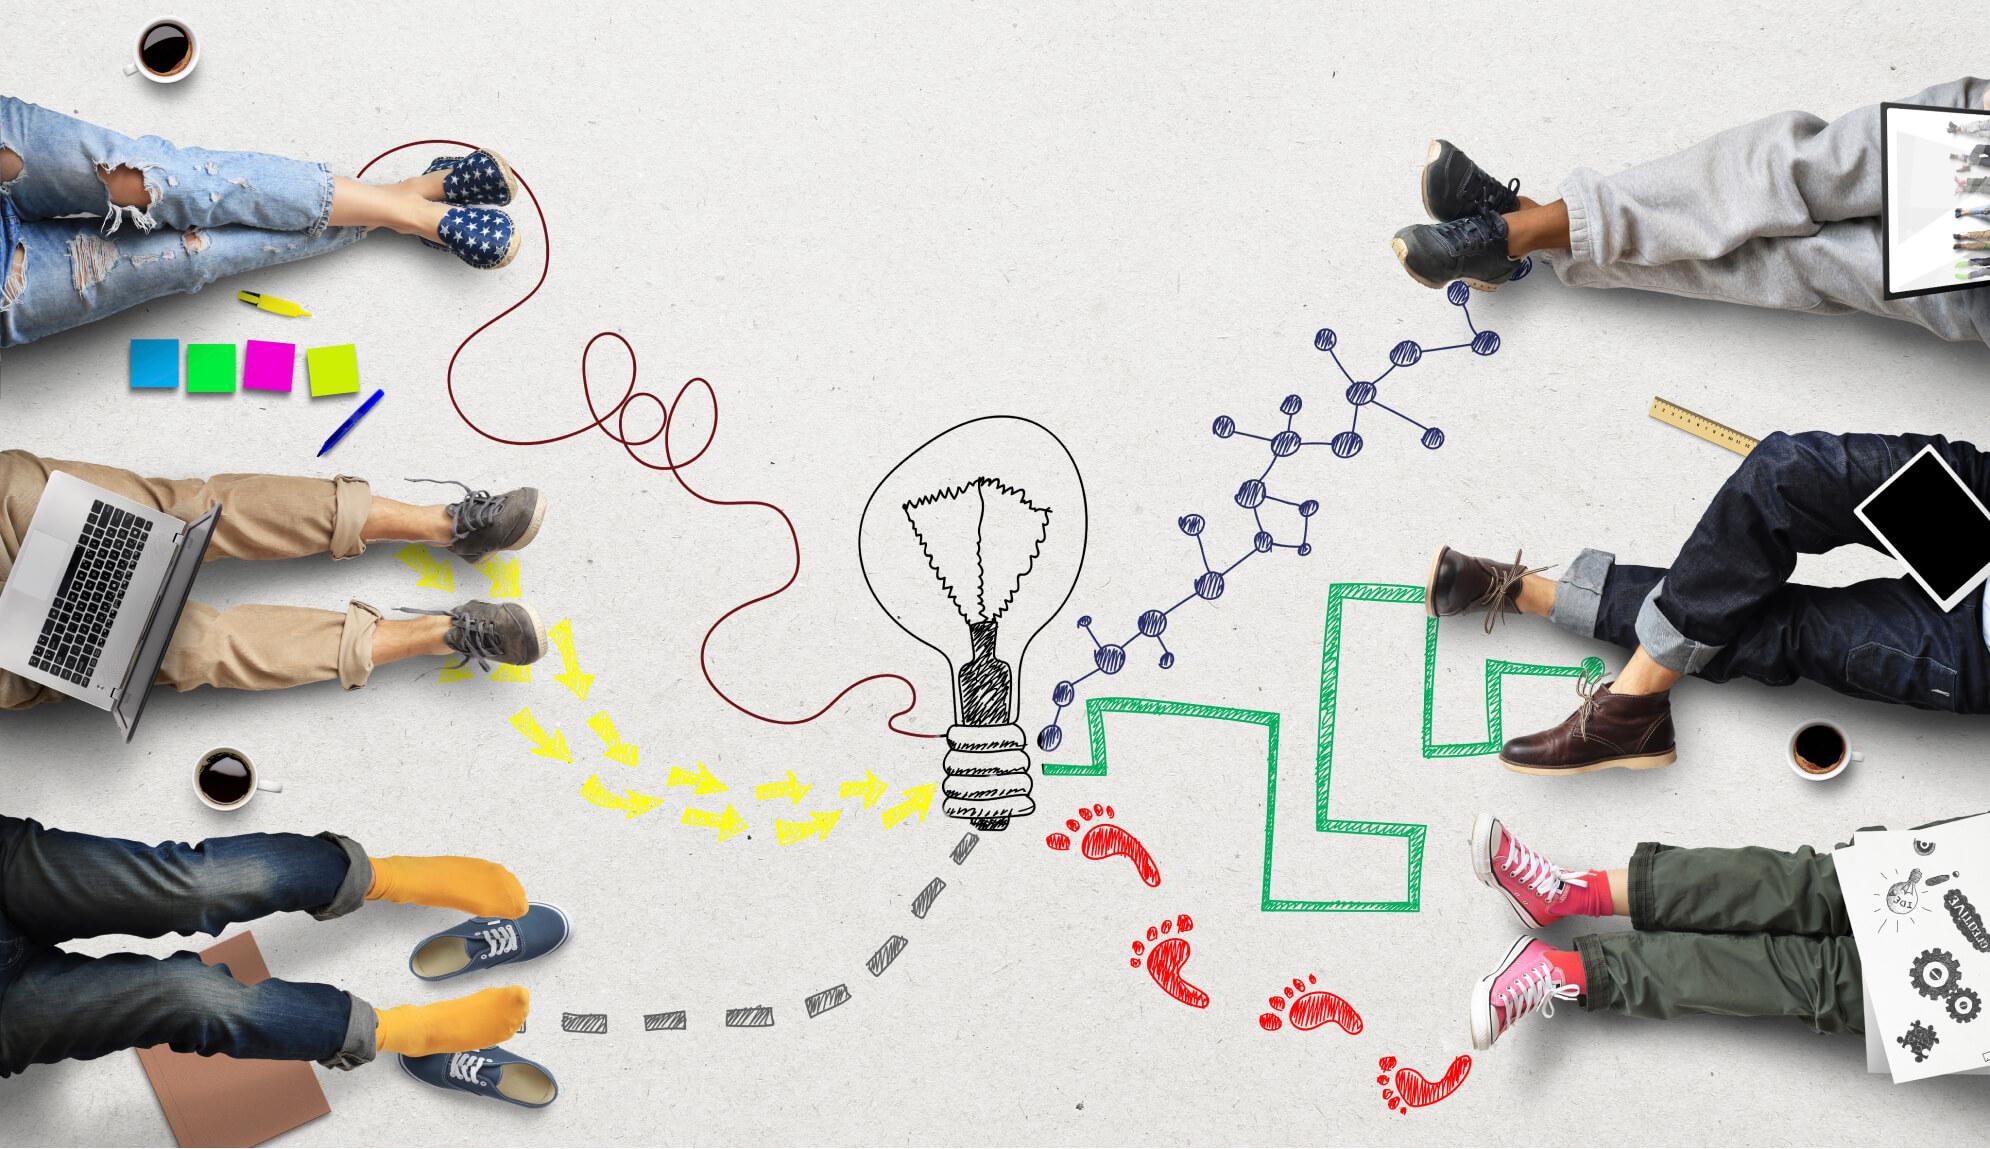 dibujo de ideas en el piso